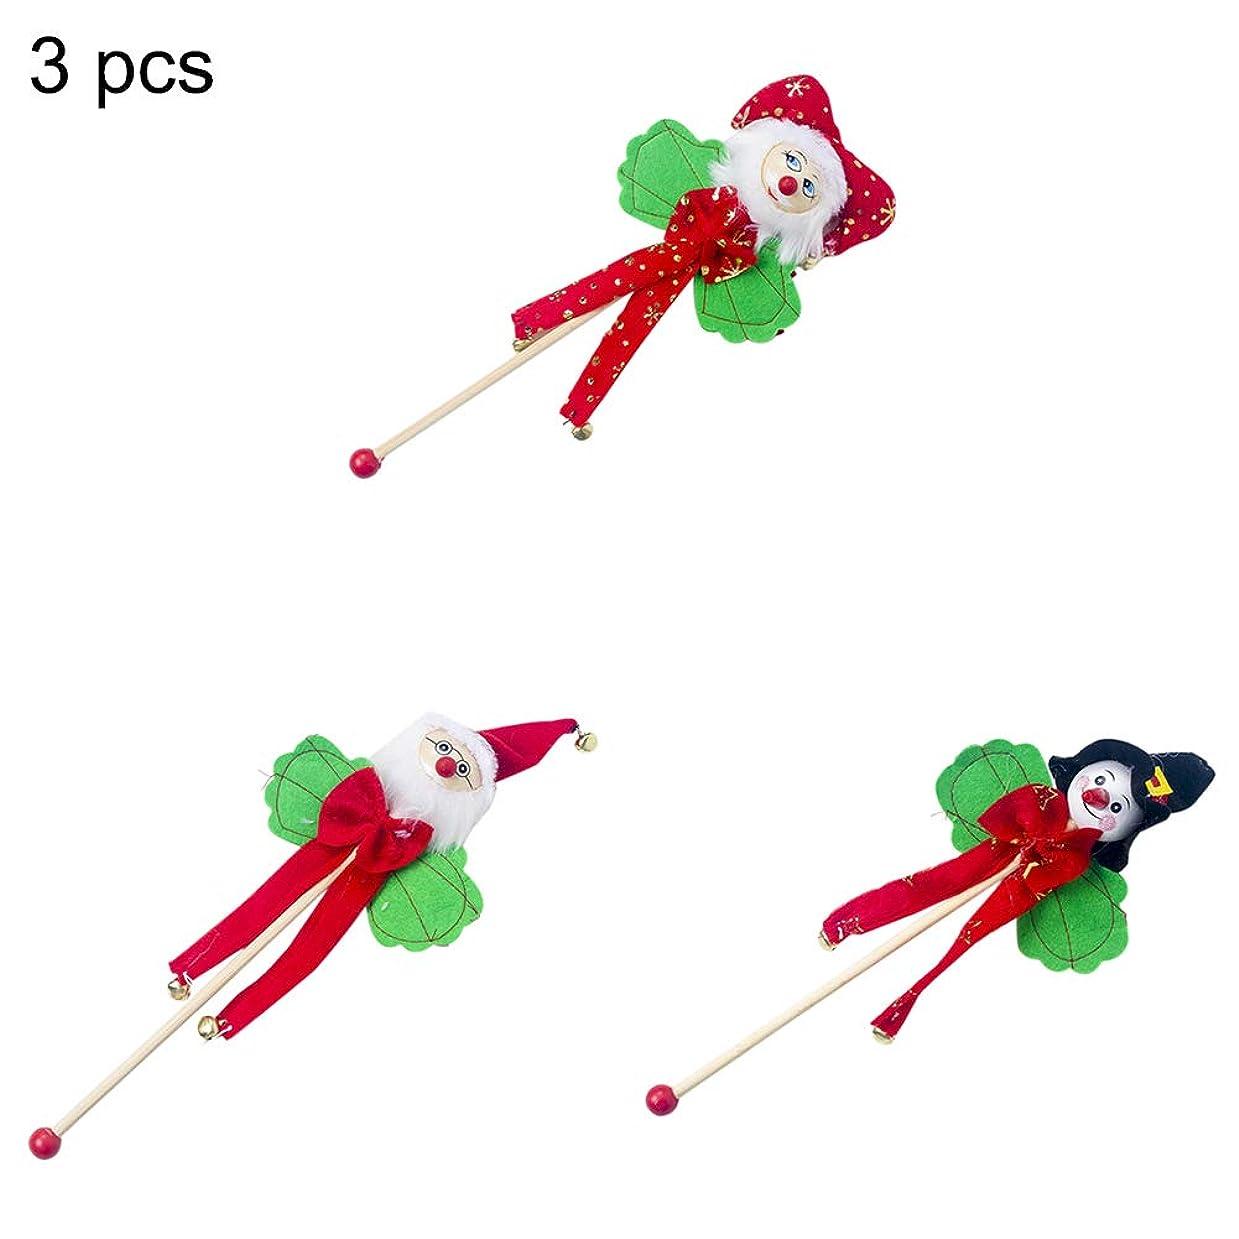 慣習広範囲コートDC 3pcs 新しい子供おもちゃ ロッキングベル クリスマス装飾品 ベル かわいい 不織布 木製 飾り物 ?造的 クリスマス 写真小道具 子供用 魔法の杖 クリスマスプレゼント